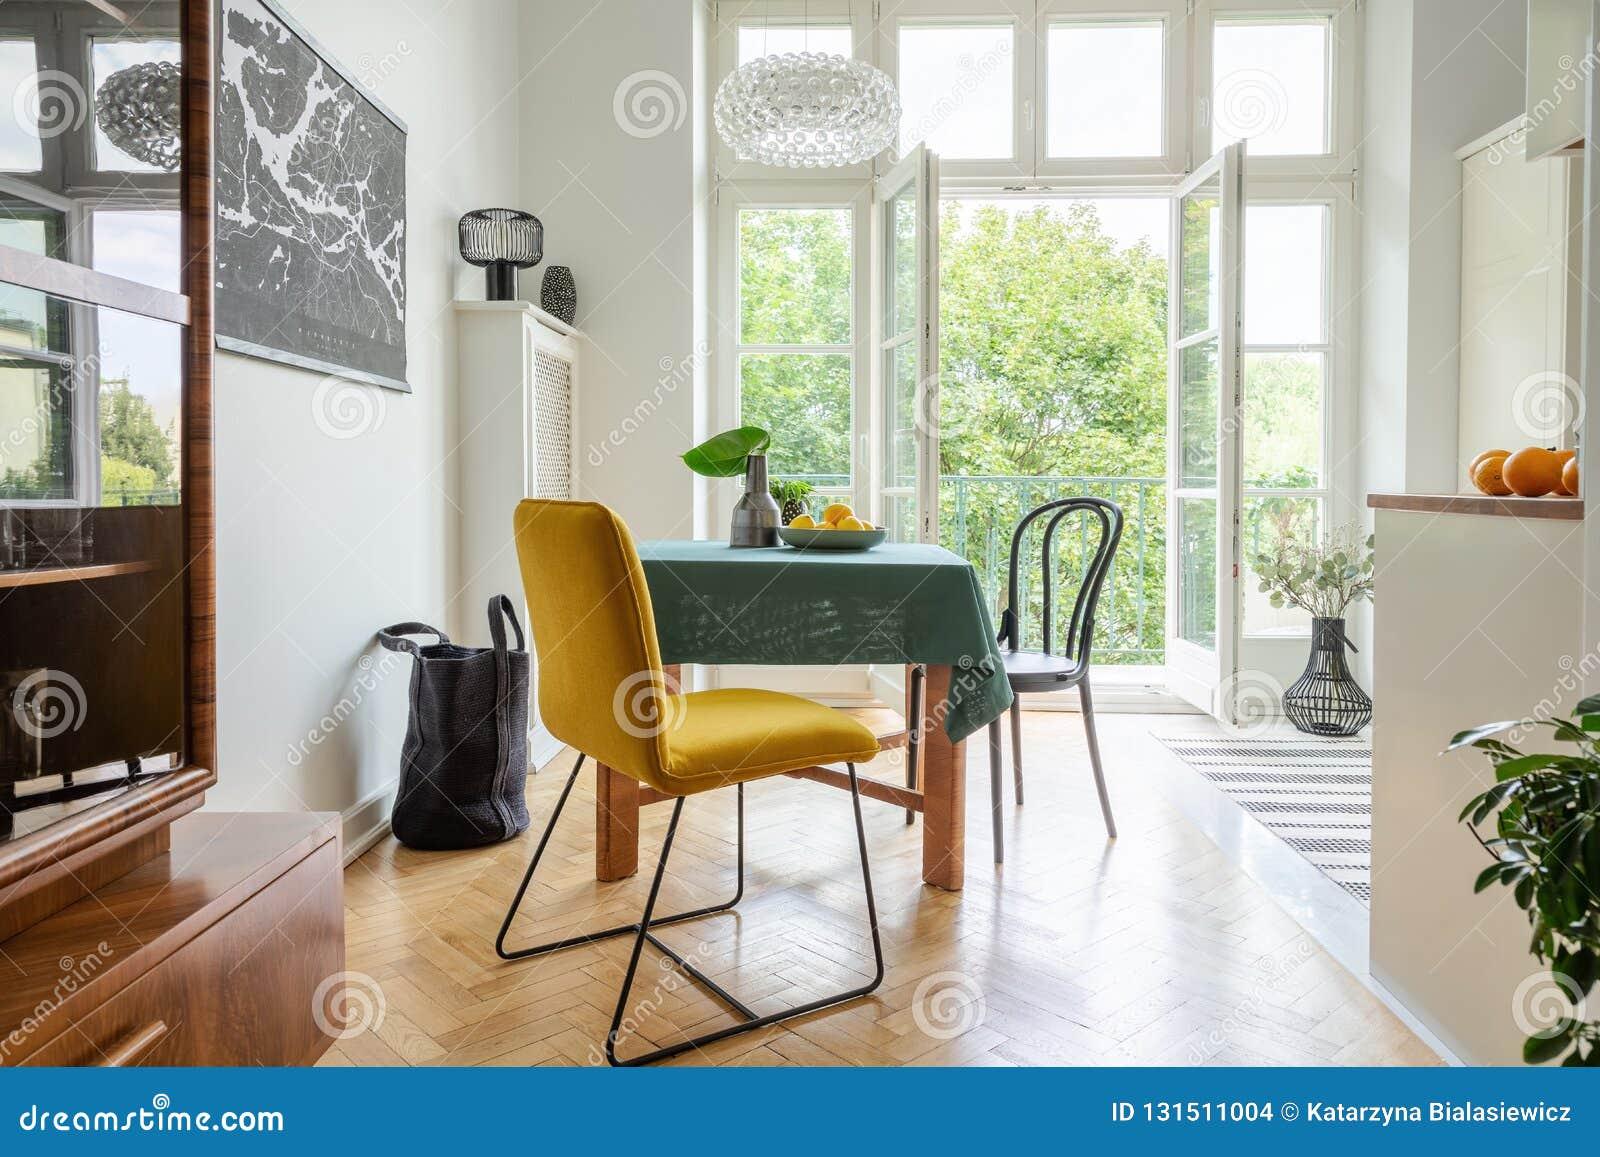 Ideia à moda da decoração do apartamento, cozinha eclético com balcão